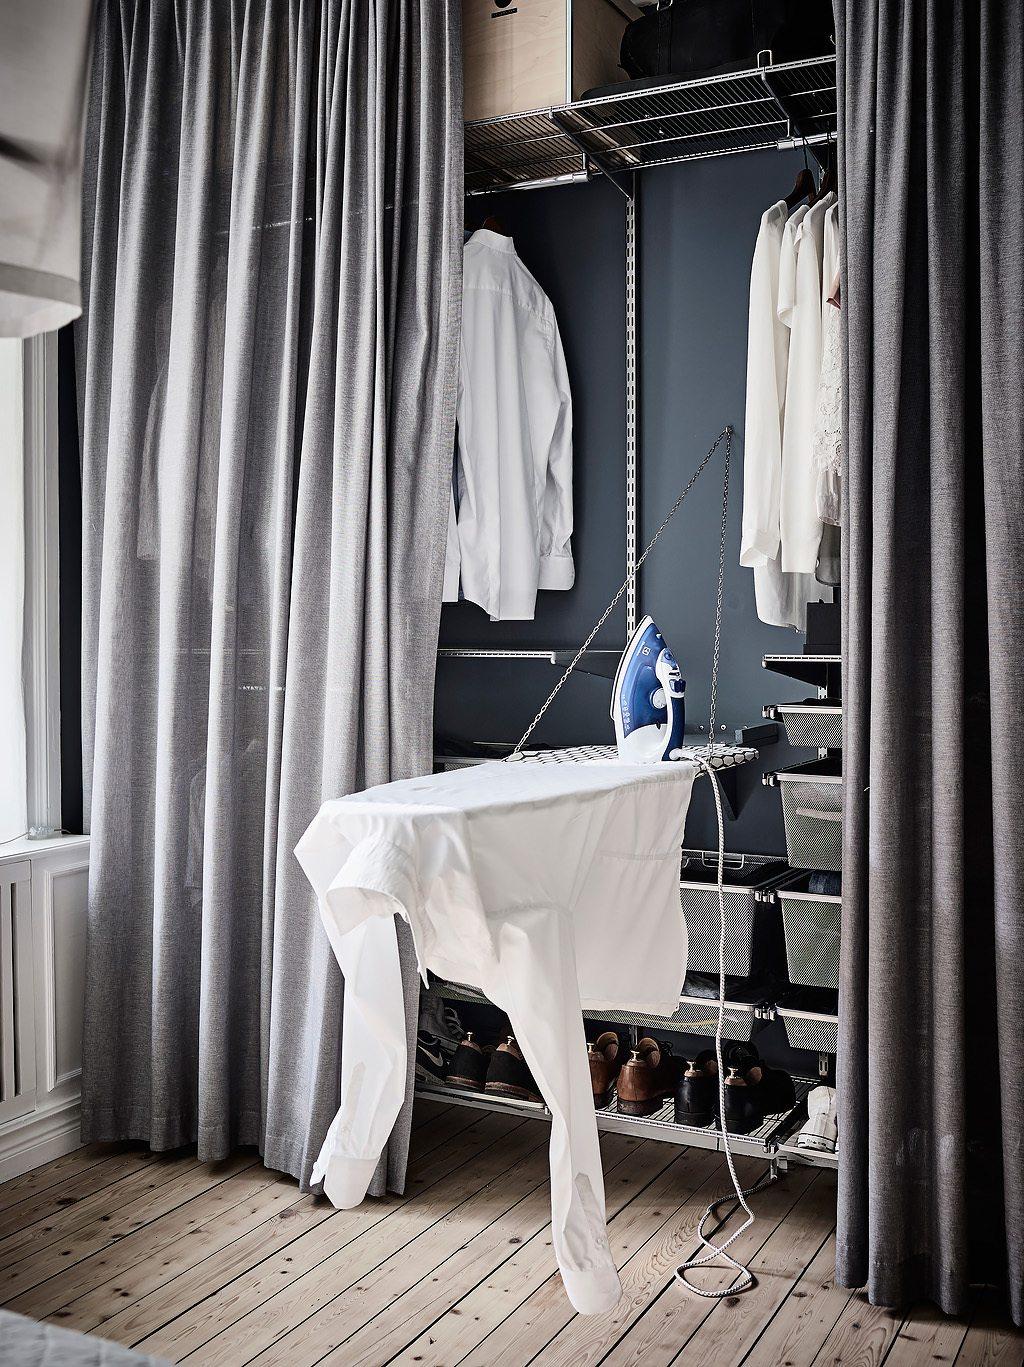 in deze mooie slaapkamer zijn gordijnen opgehangen vr de open kledingkast